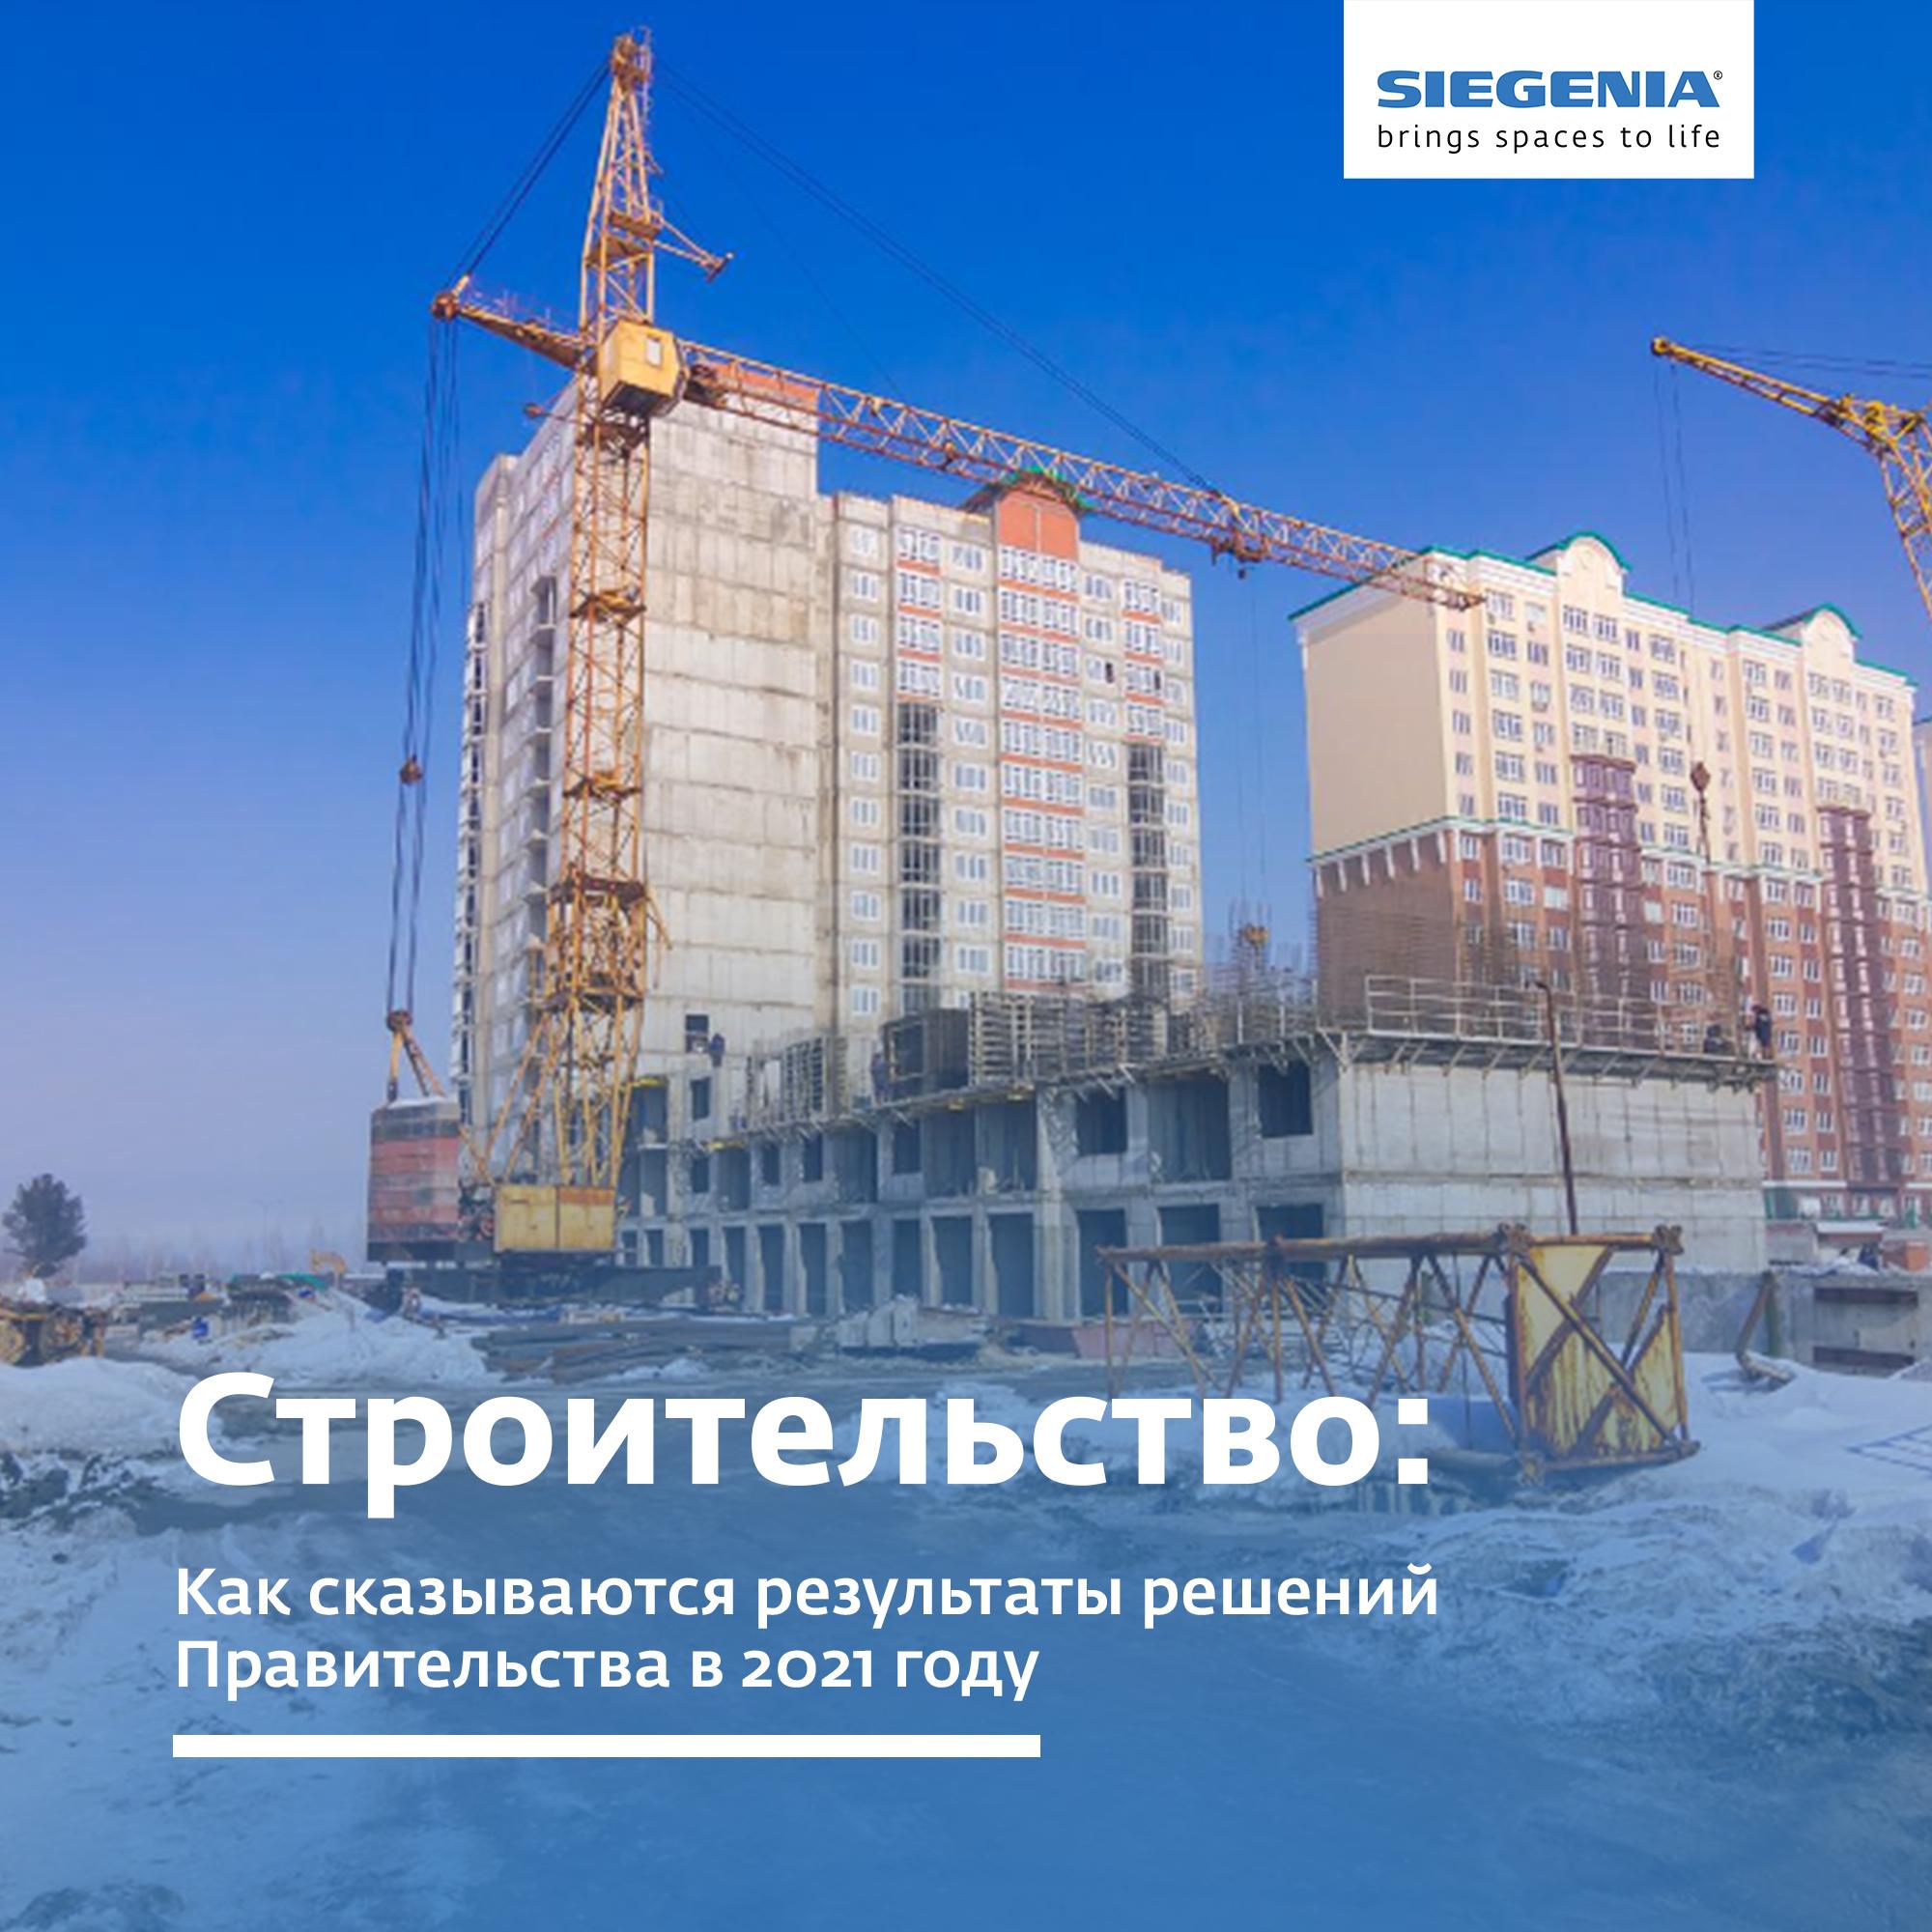 stroitelstvo-kak-skazyvayutsya-rezultaty-reshenij-pravitelstva-v-2021-godu